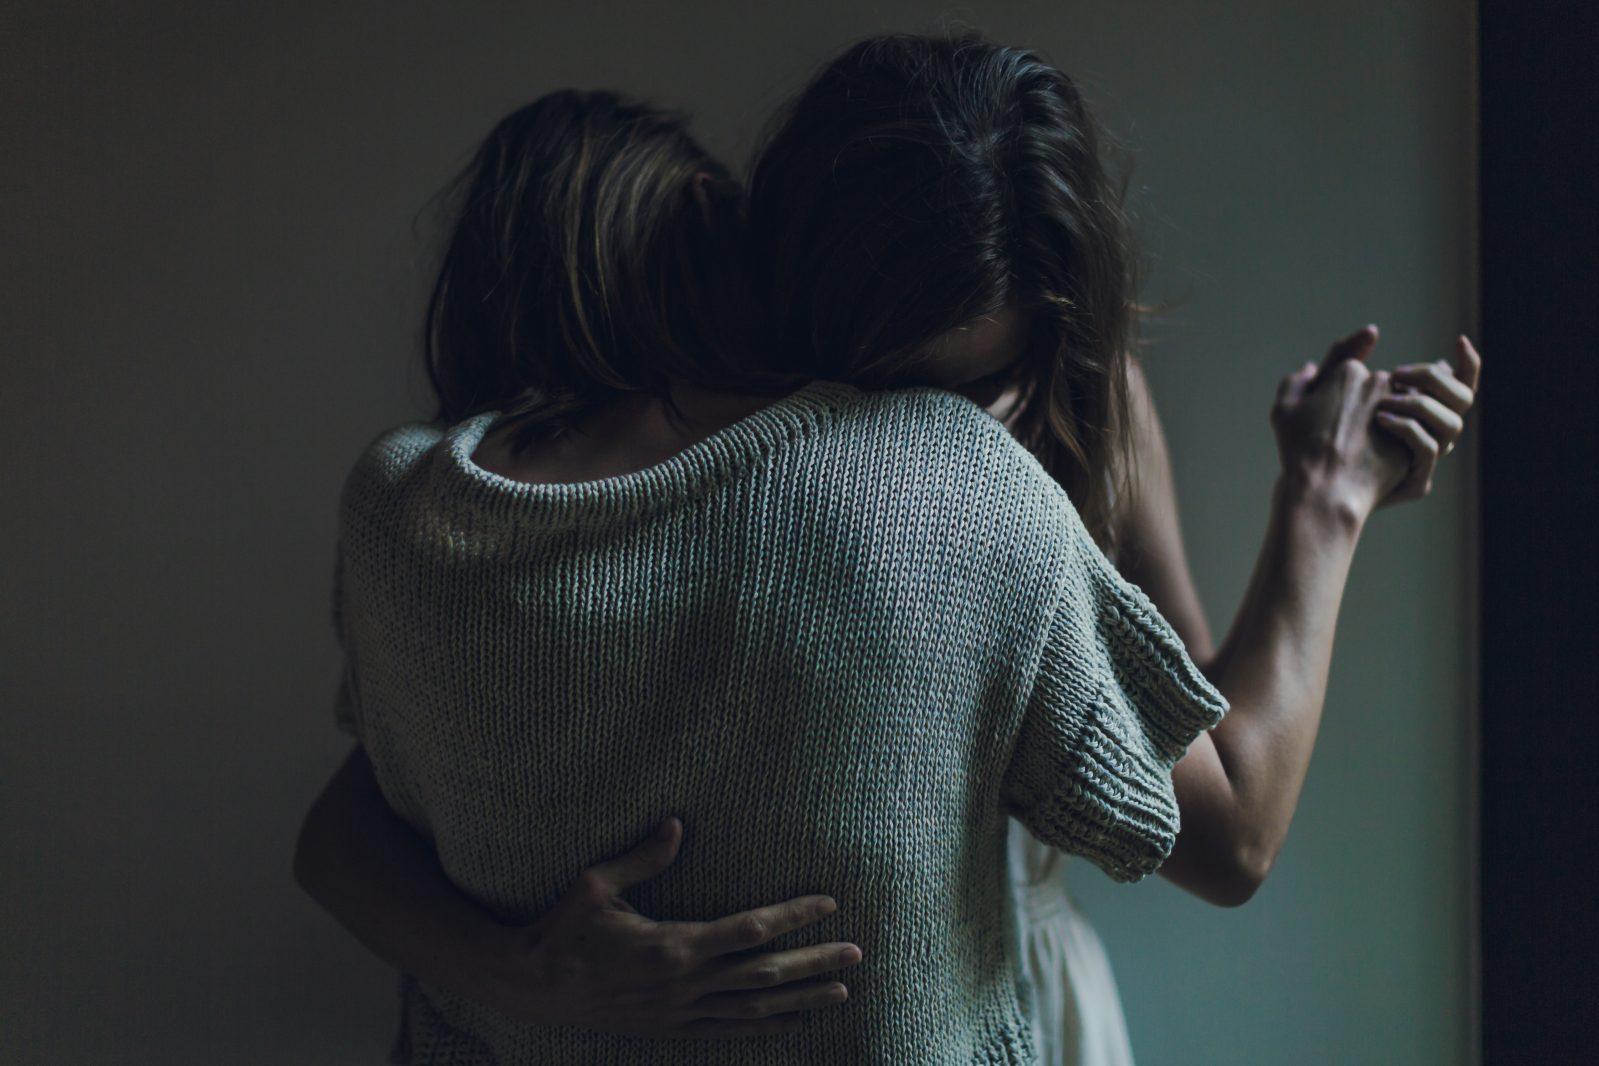 A volte abbiamo bisogno di un abbraccio che ci avvolga l'anima